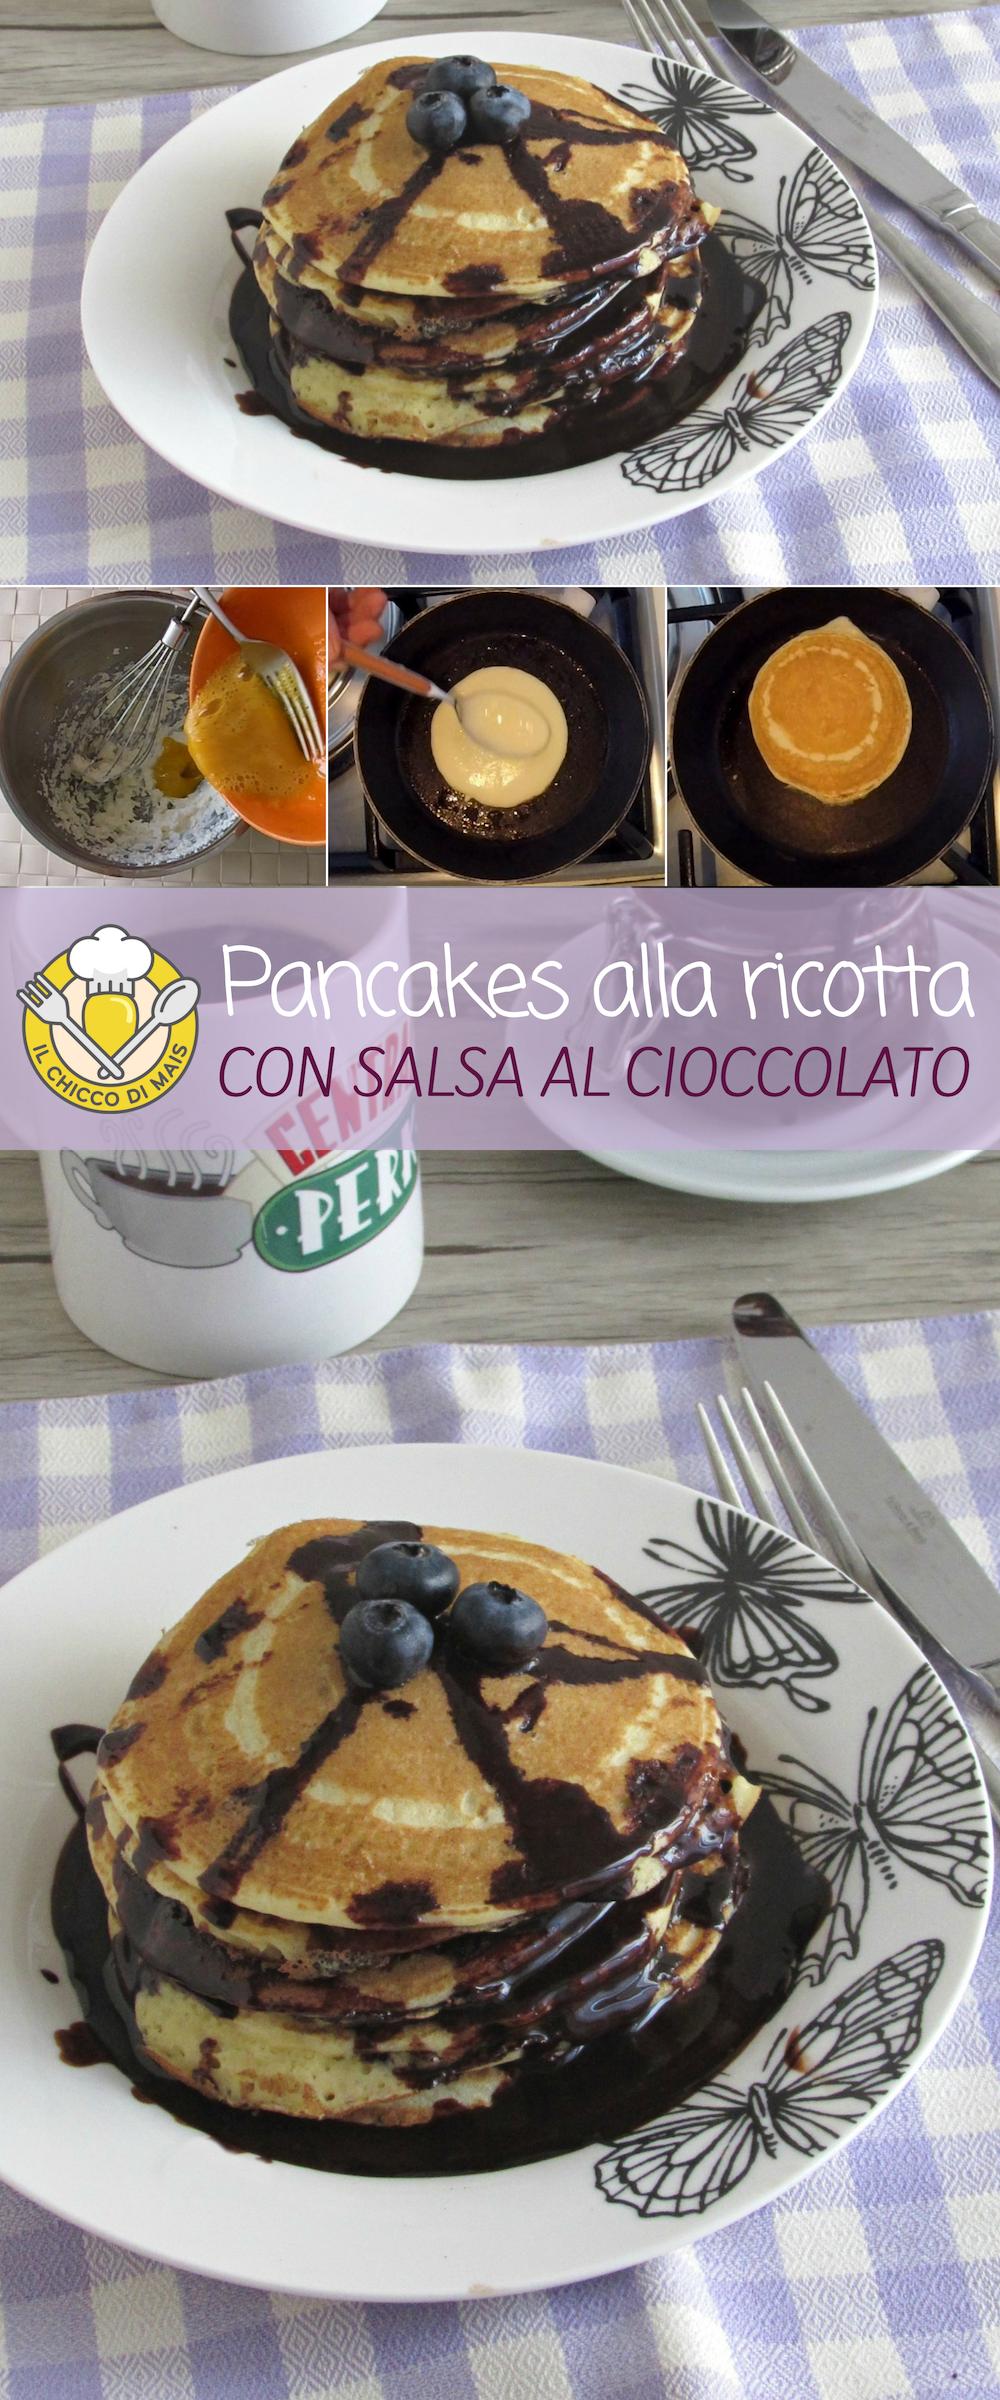 Pancakes Alla Ricotta Con Topping Al Cioccolato I Dolci Americani